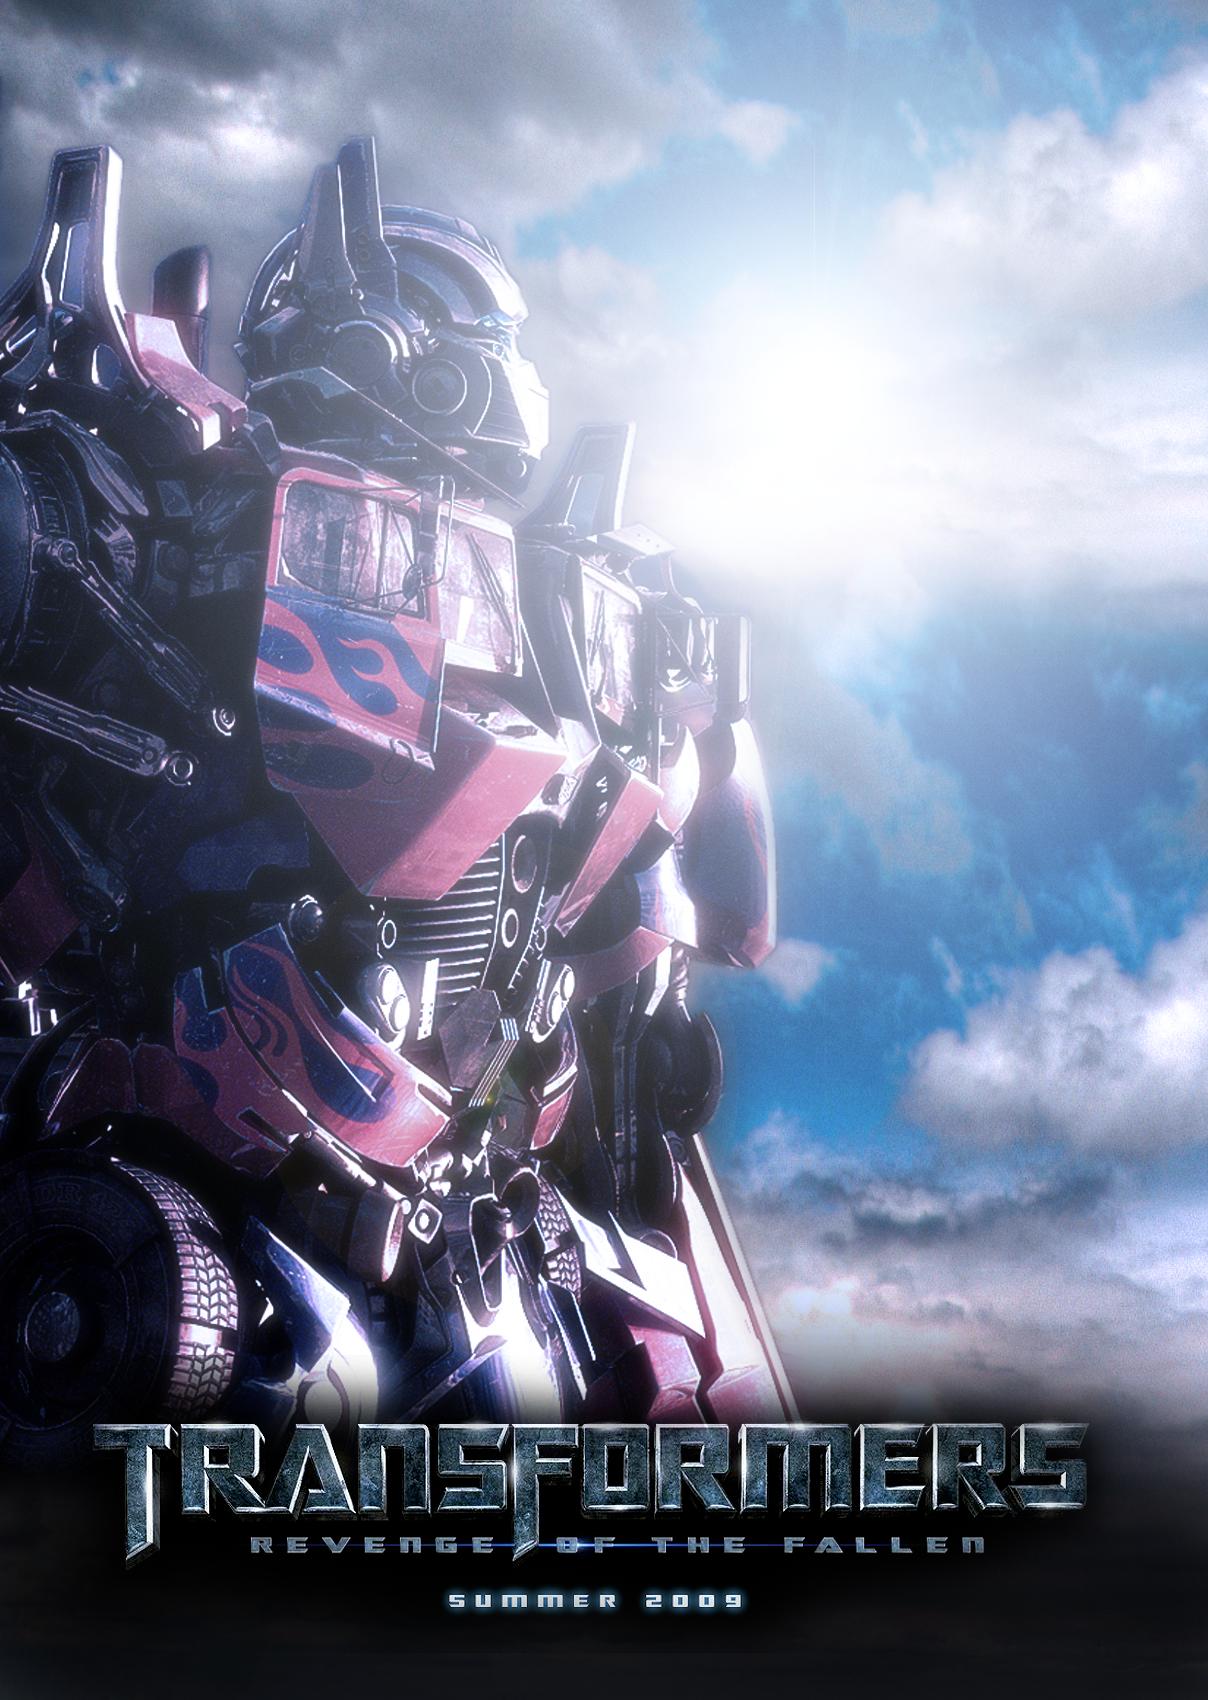 transformer: rotf poster 1d4rkshadowz on deviantart